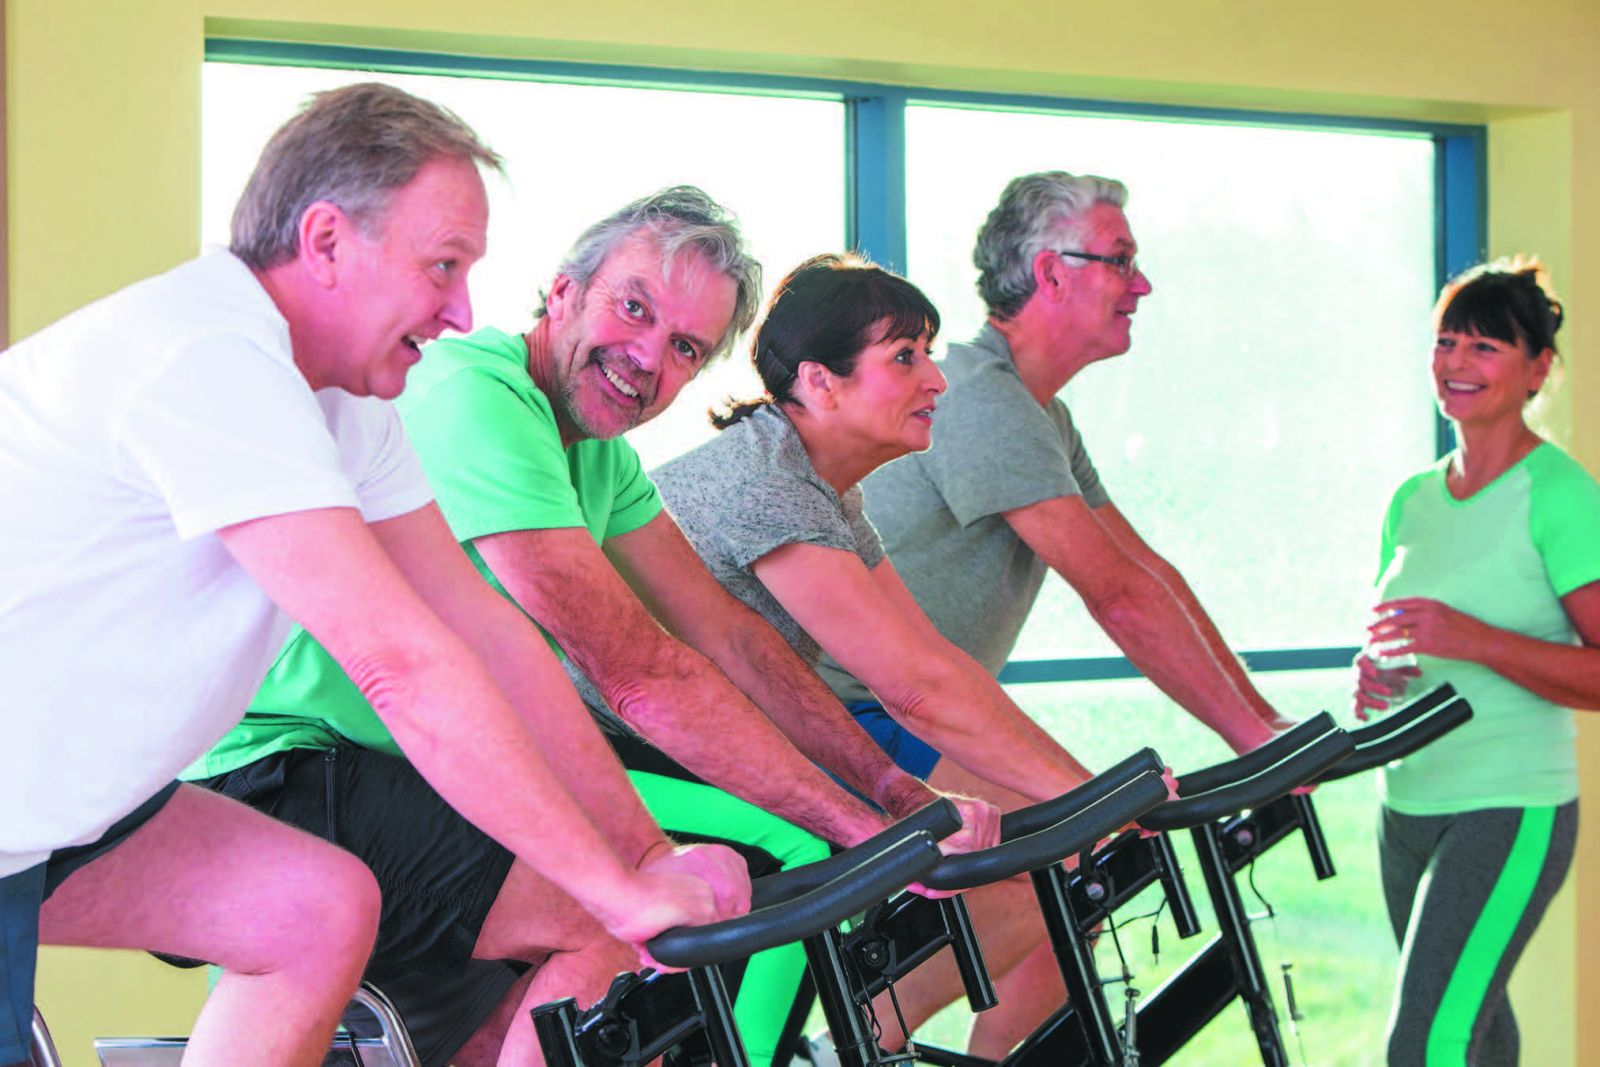 ورزش منظم به تقویت حافظه بزرگ میافزاید.